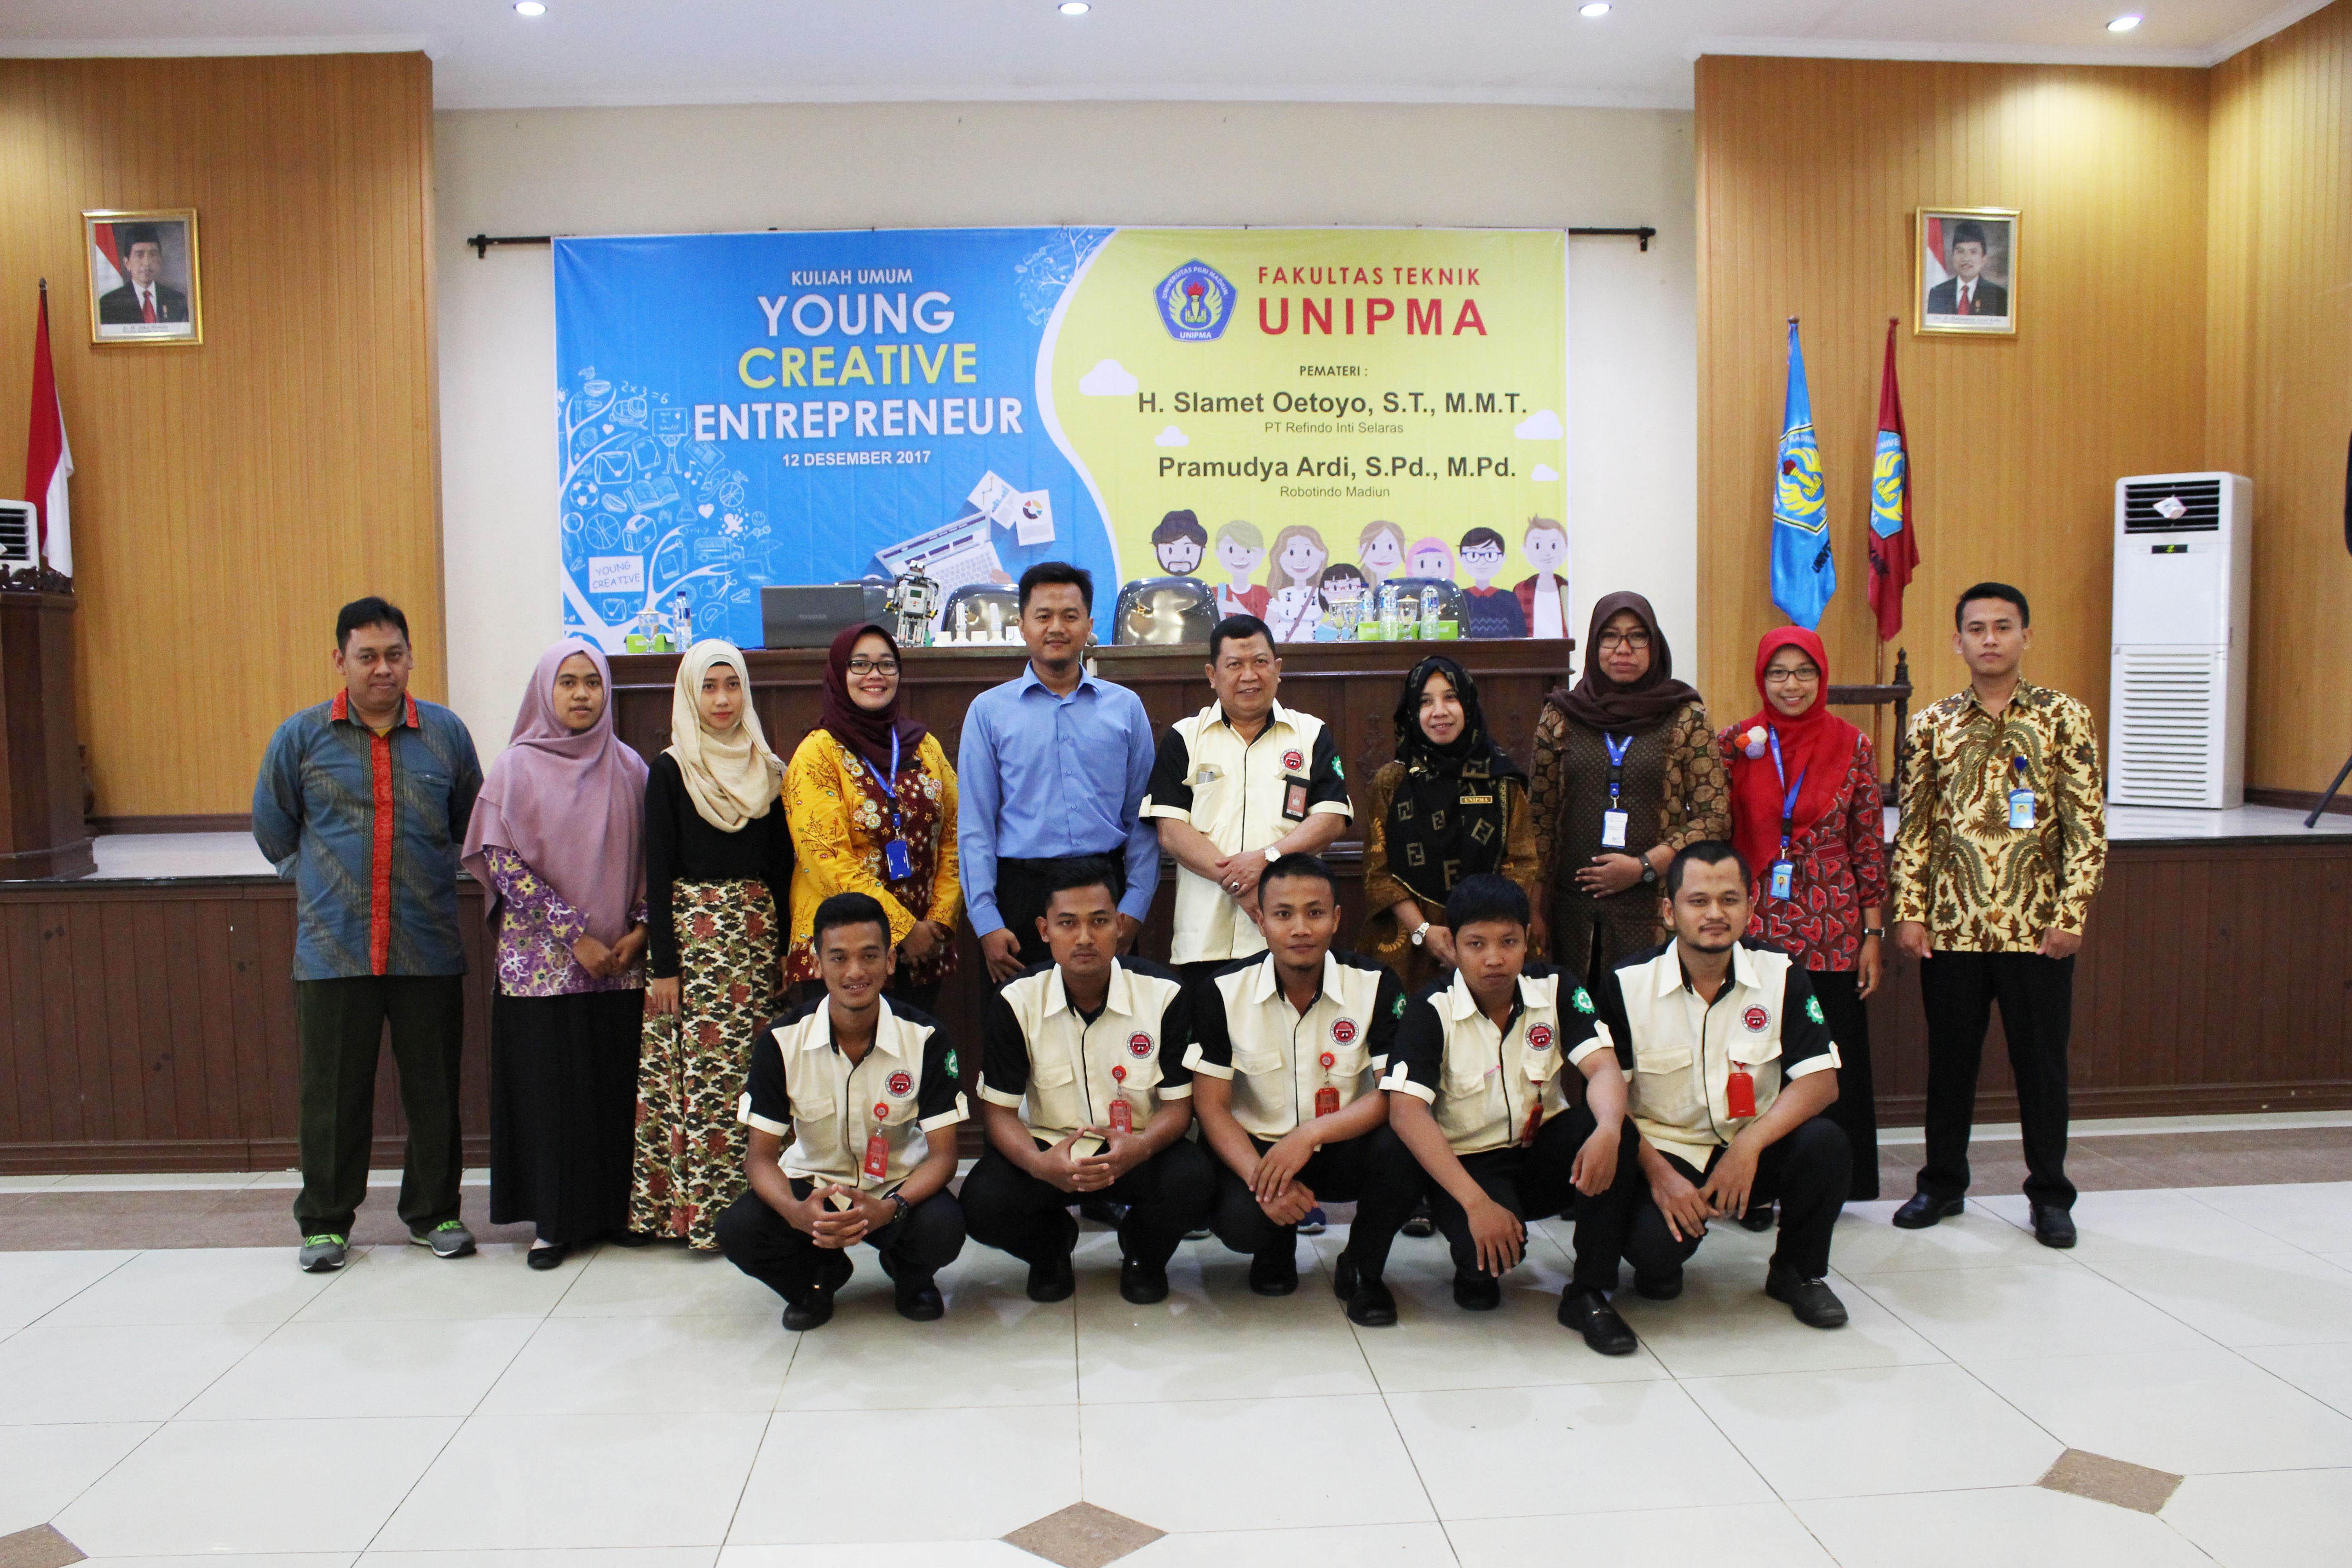 Kuliah Umum Fakultas Teknik  Dengan Tema Young Creative Entrepeneur Diikuti Mahasiswa Program Studi Sistem Informasi